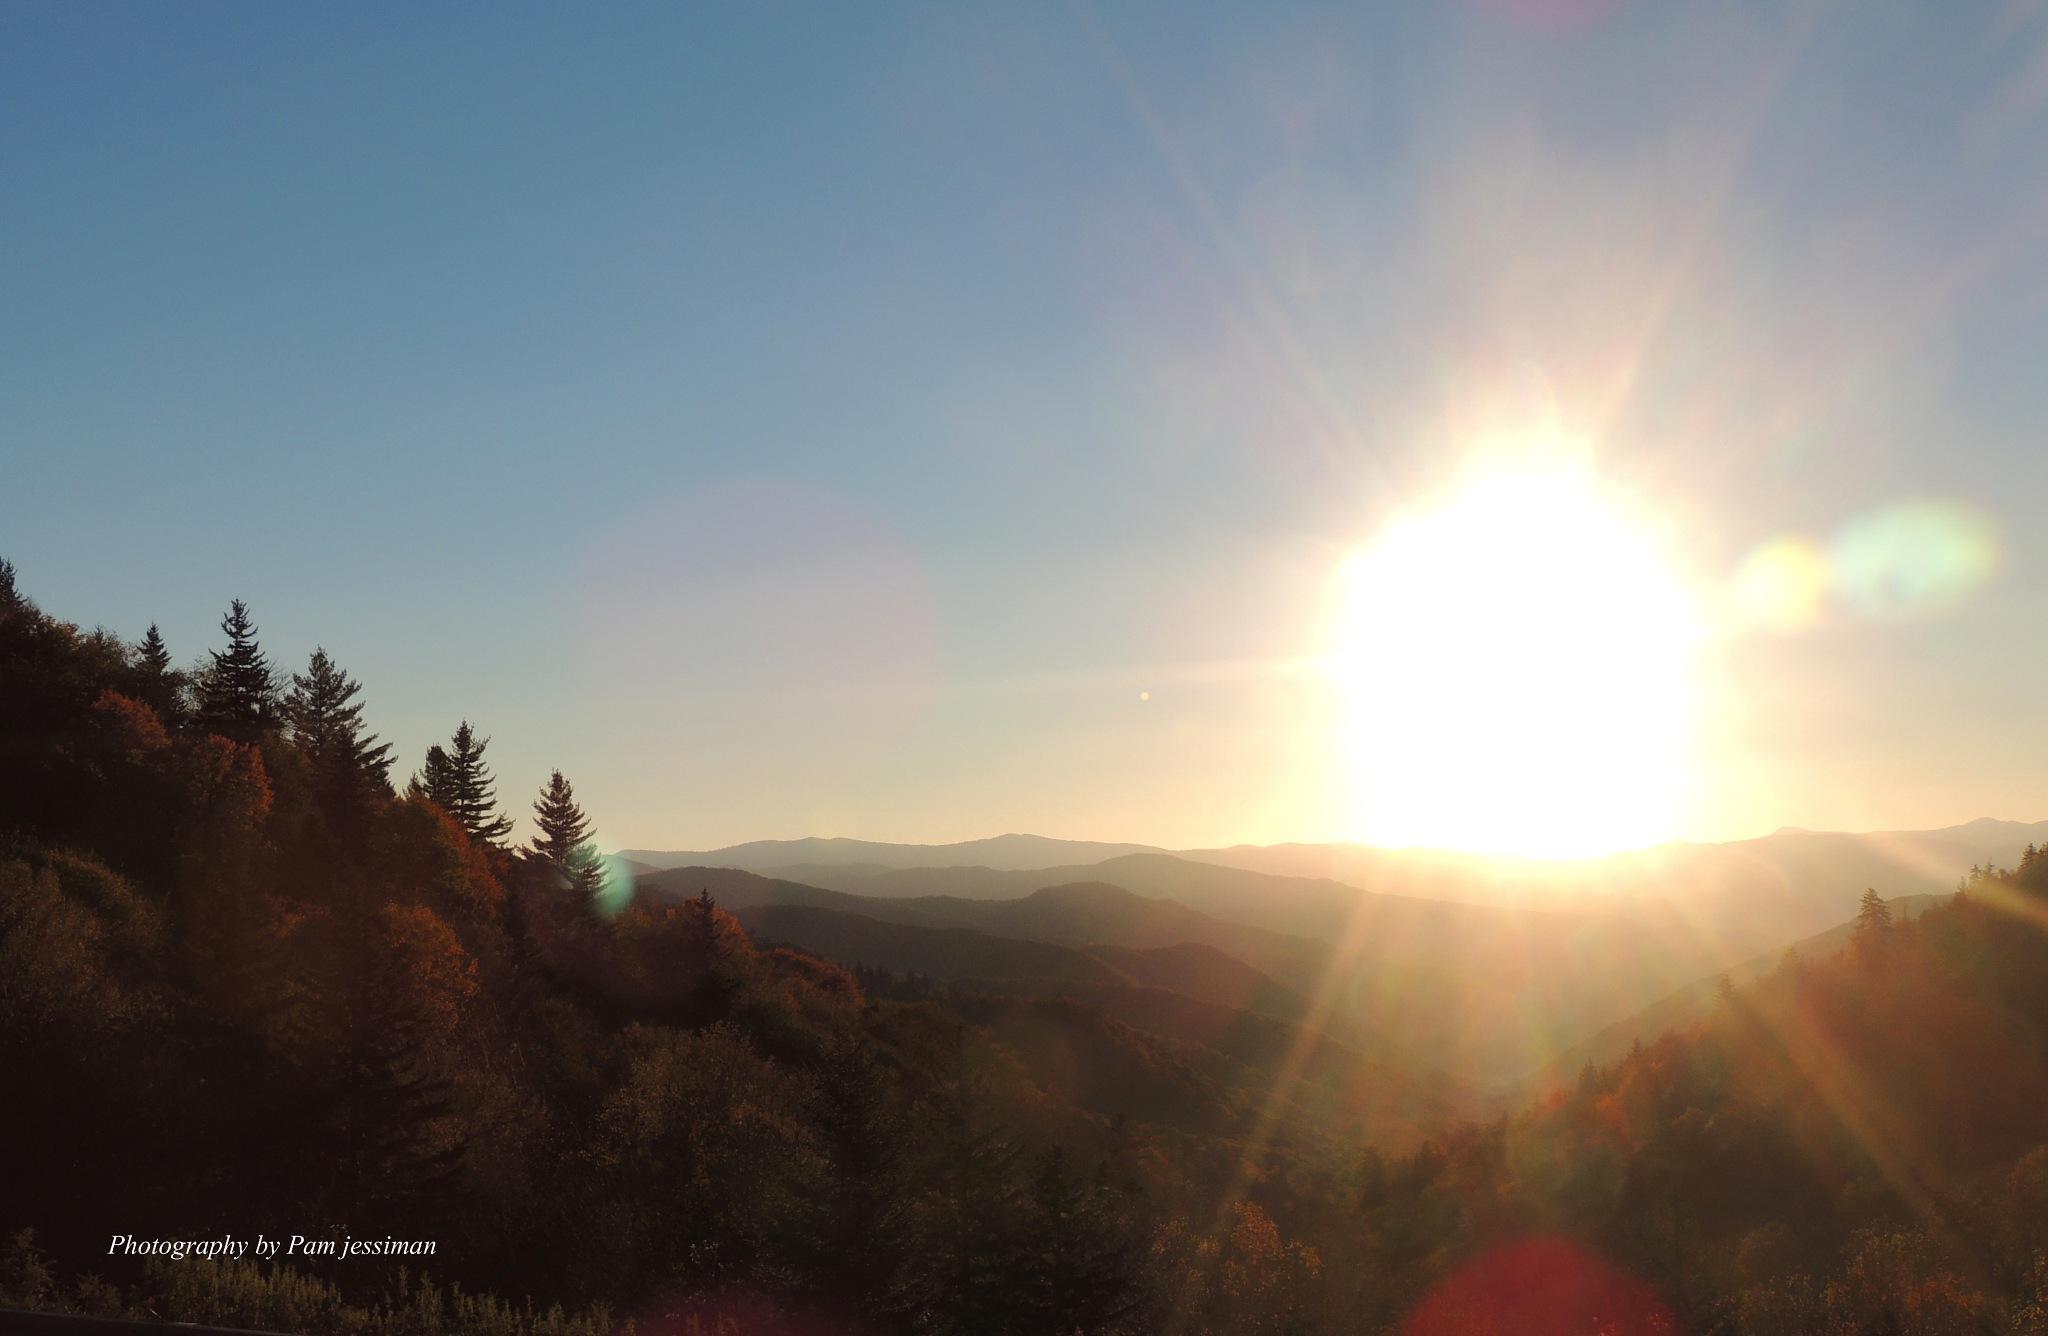 Mountains of North Carolina  by pamjessiman